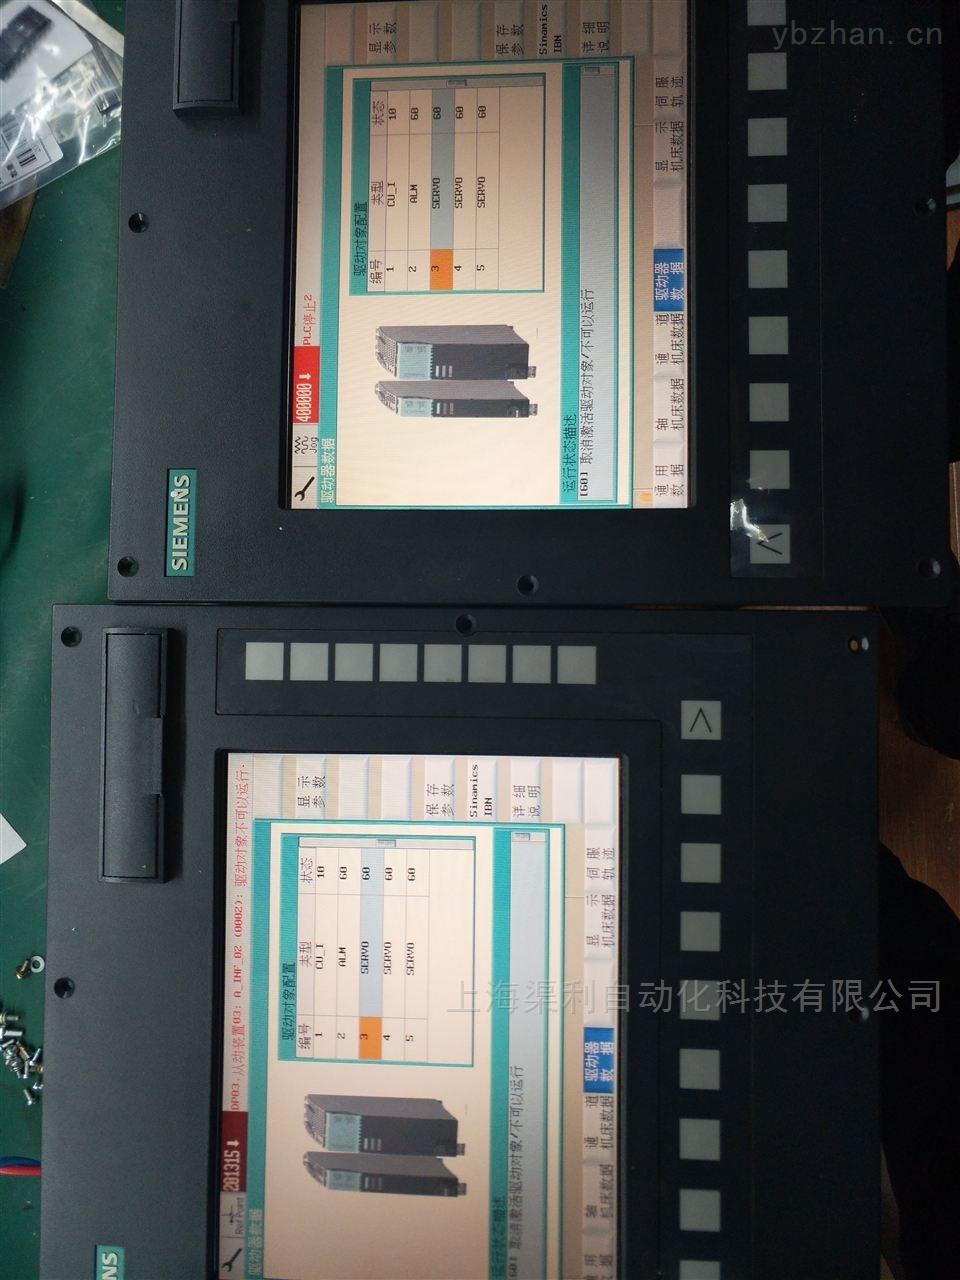 西门子数控系统故障25050维修